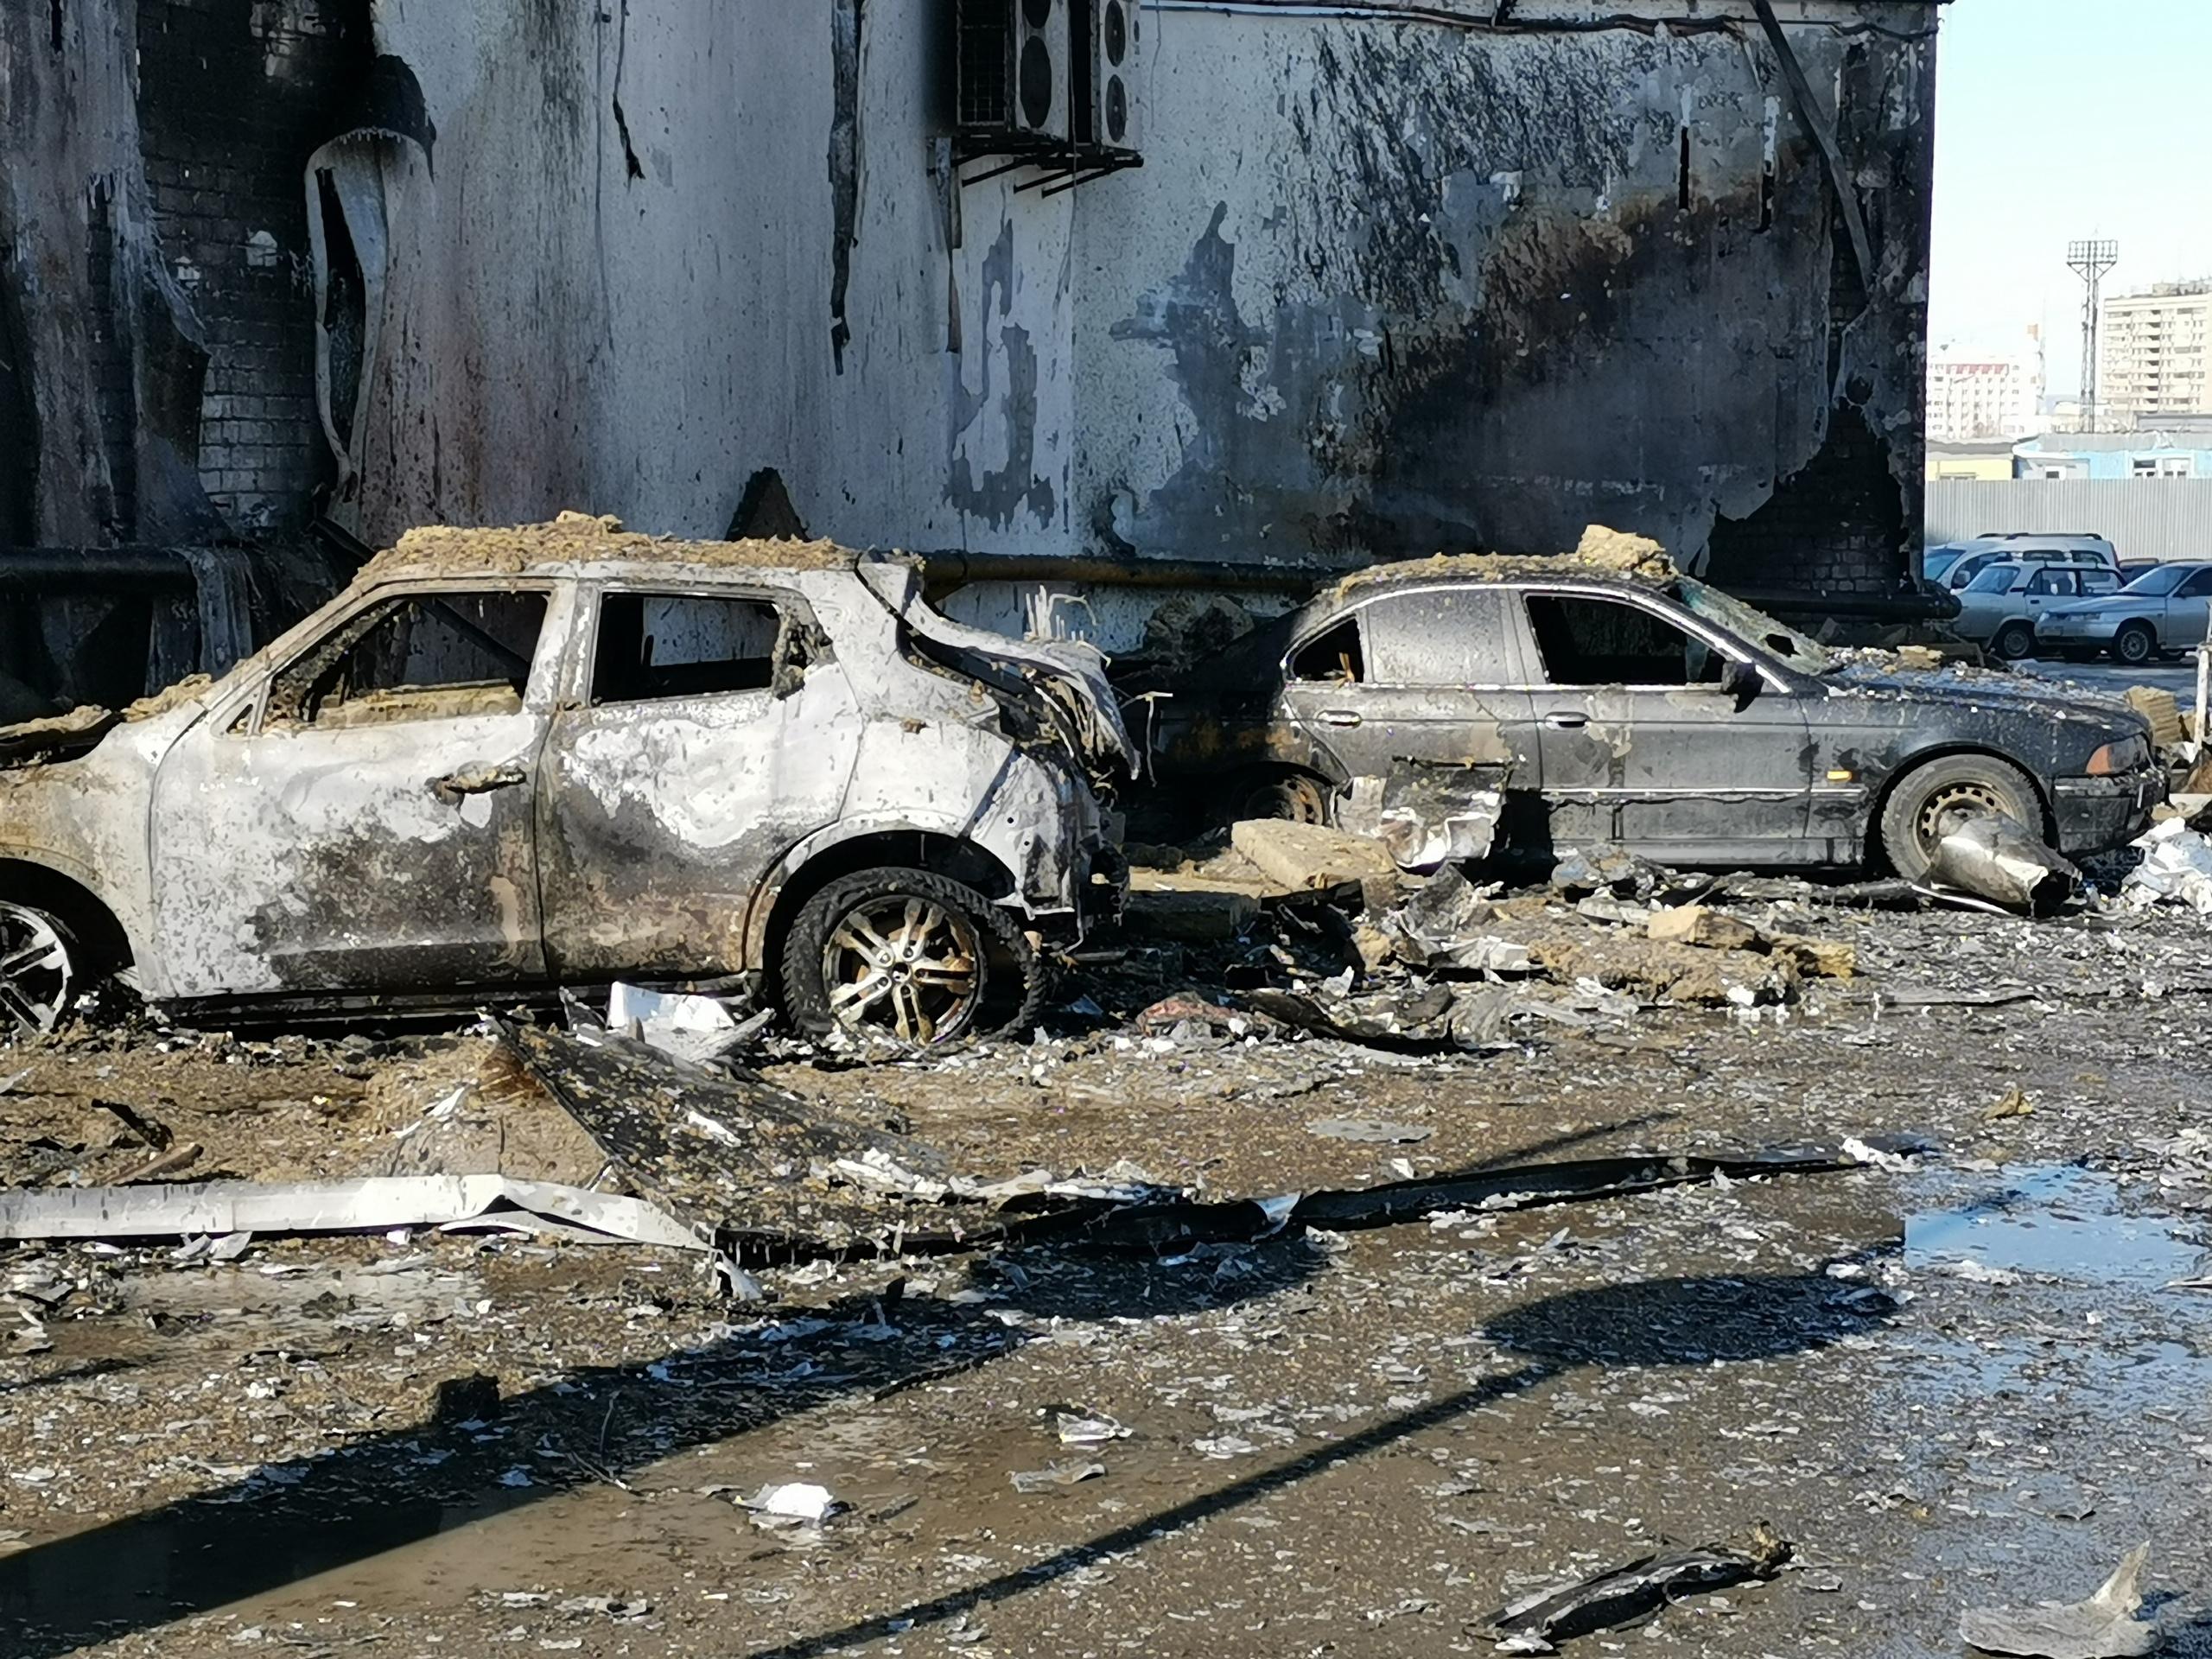 Пожар в БЦ «Скала» в Самаре начался из-за припаркованного рядом автомобиля